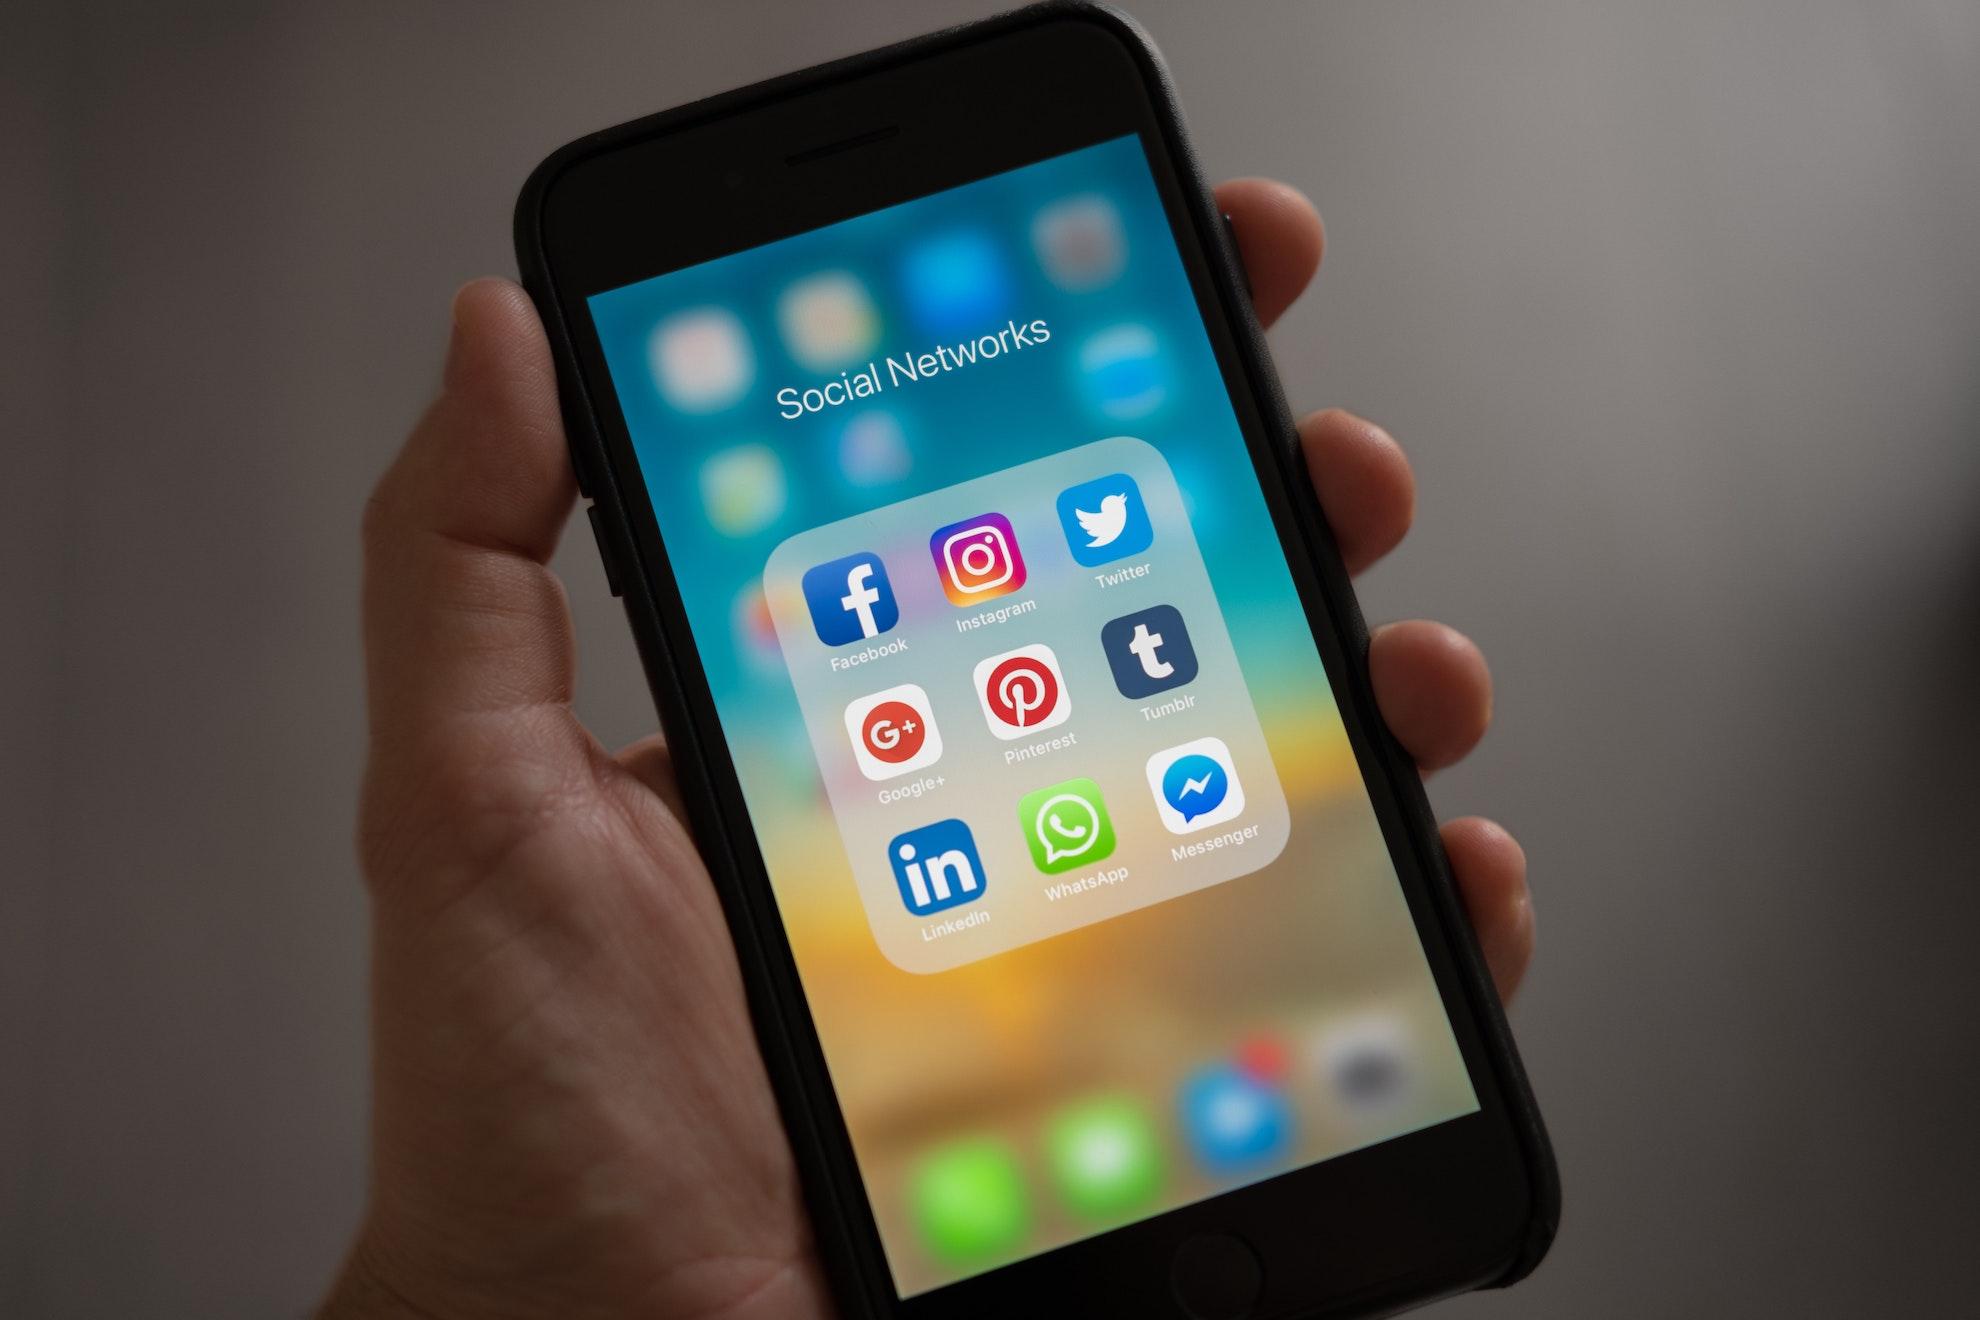 Iconos de redes sociales virtuales.